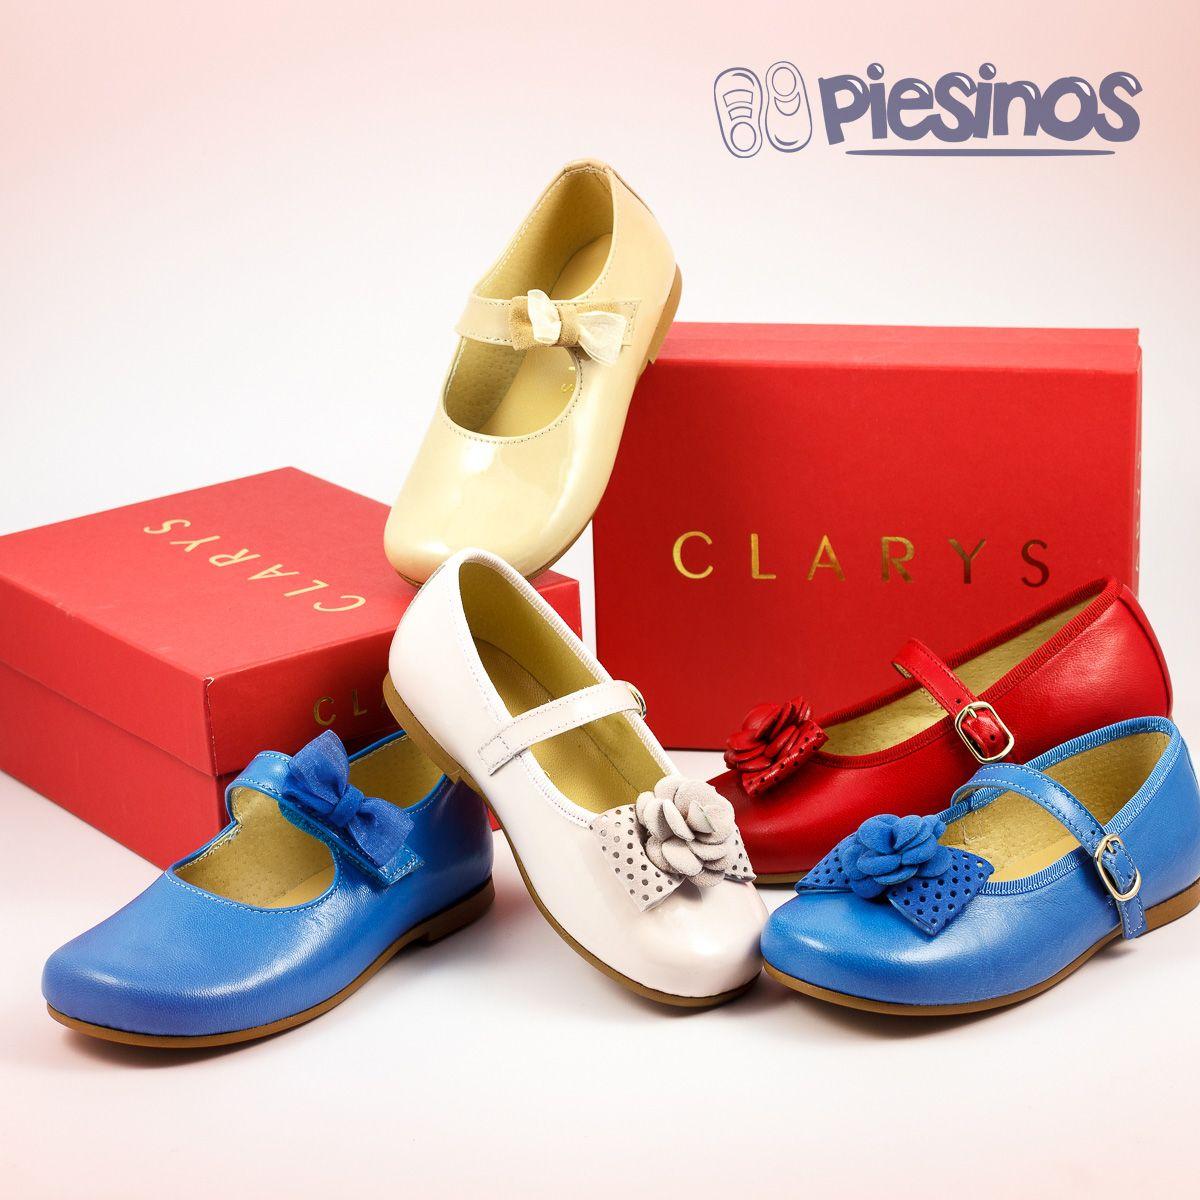 Maravillosos modelos de Clarys los que acabamos de recibir... y a tiempo para estrenar en Ramos. No te quedes sin ellos!! http://www.piesinos.es/16_clarys #clarys #calzadoinfantil #calzado #niña #vestir #elegante